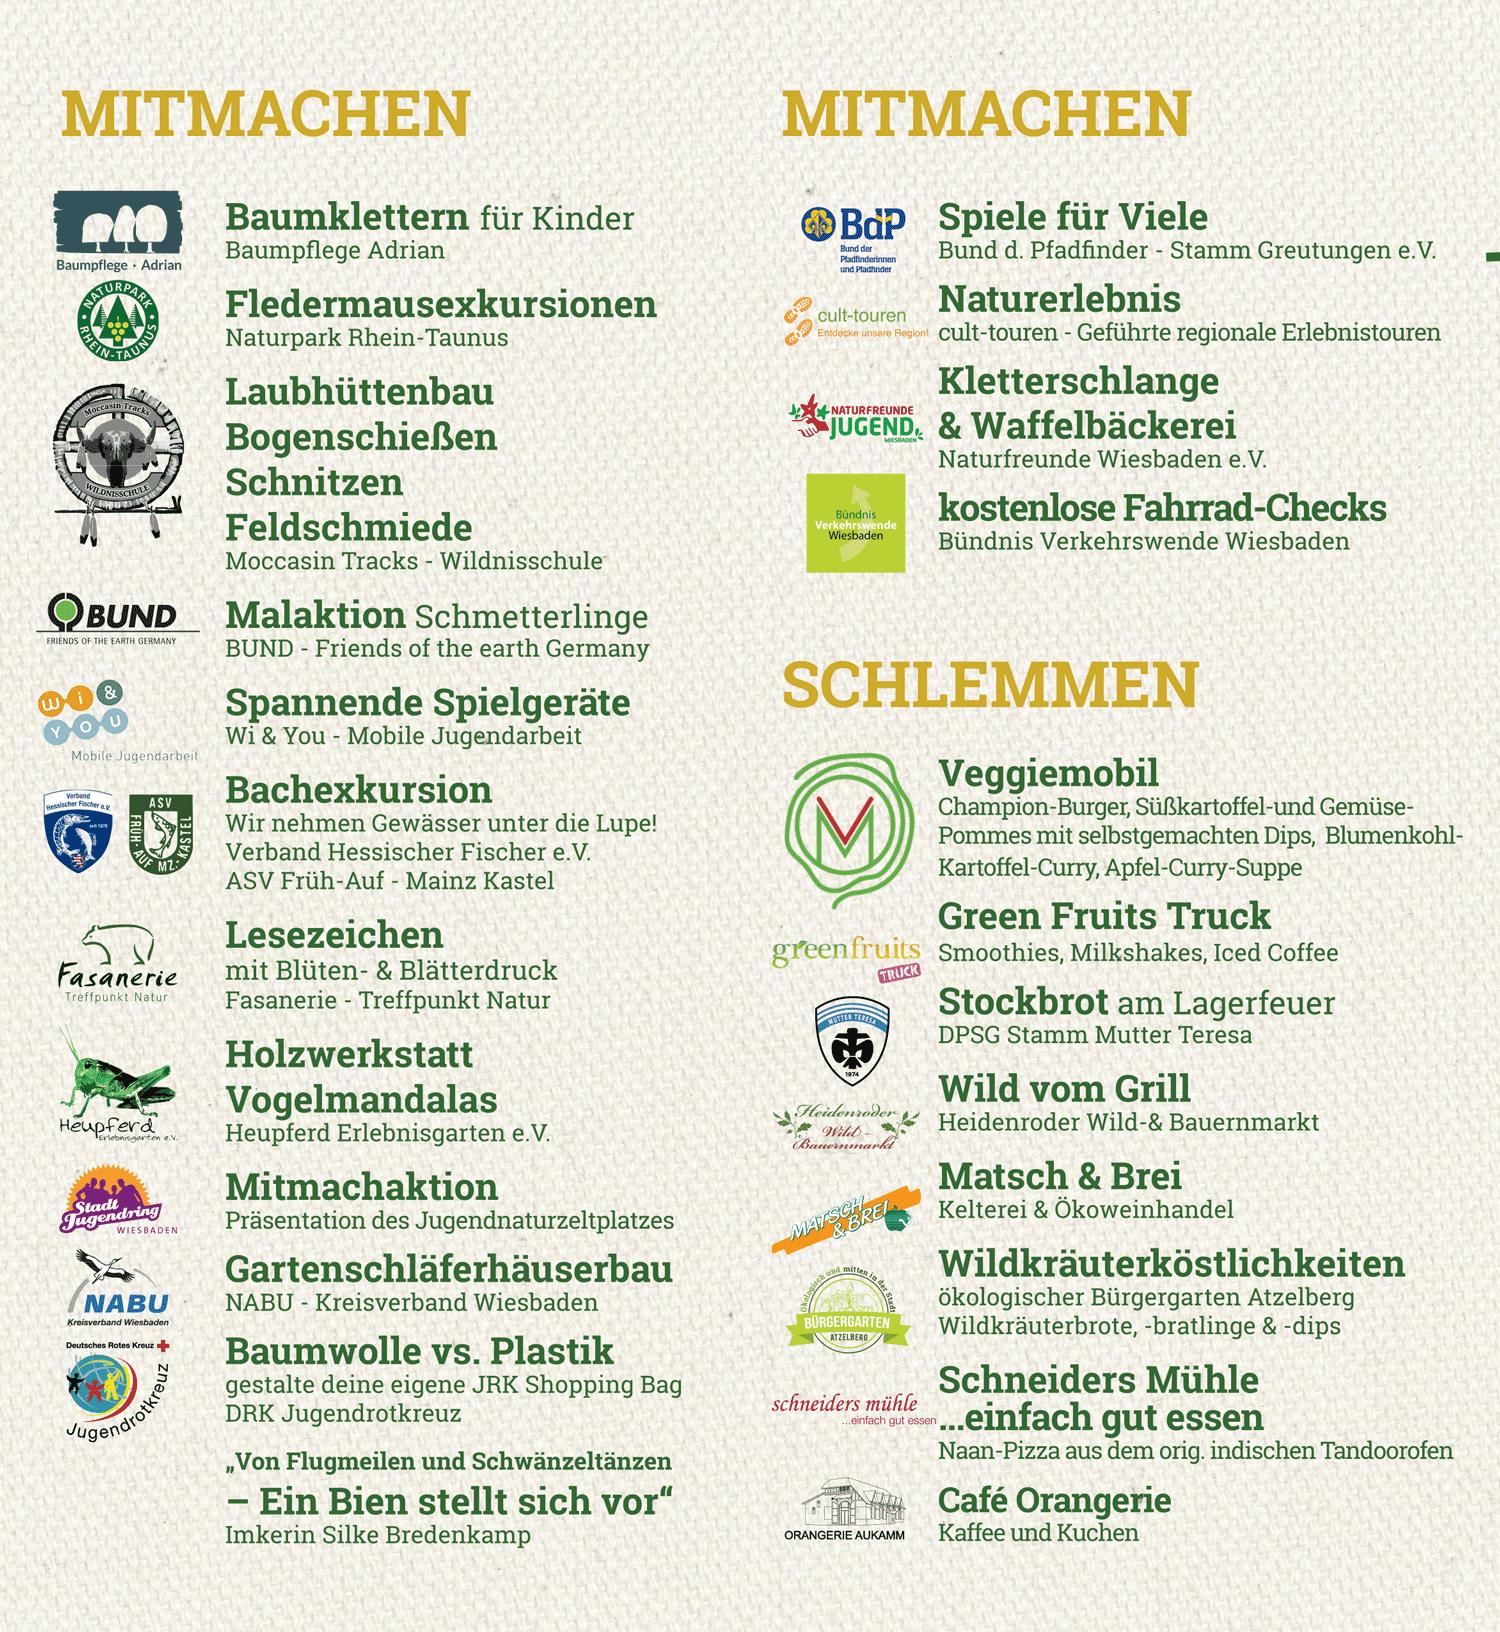 flyer_umweltfestivalmitmachen